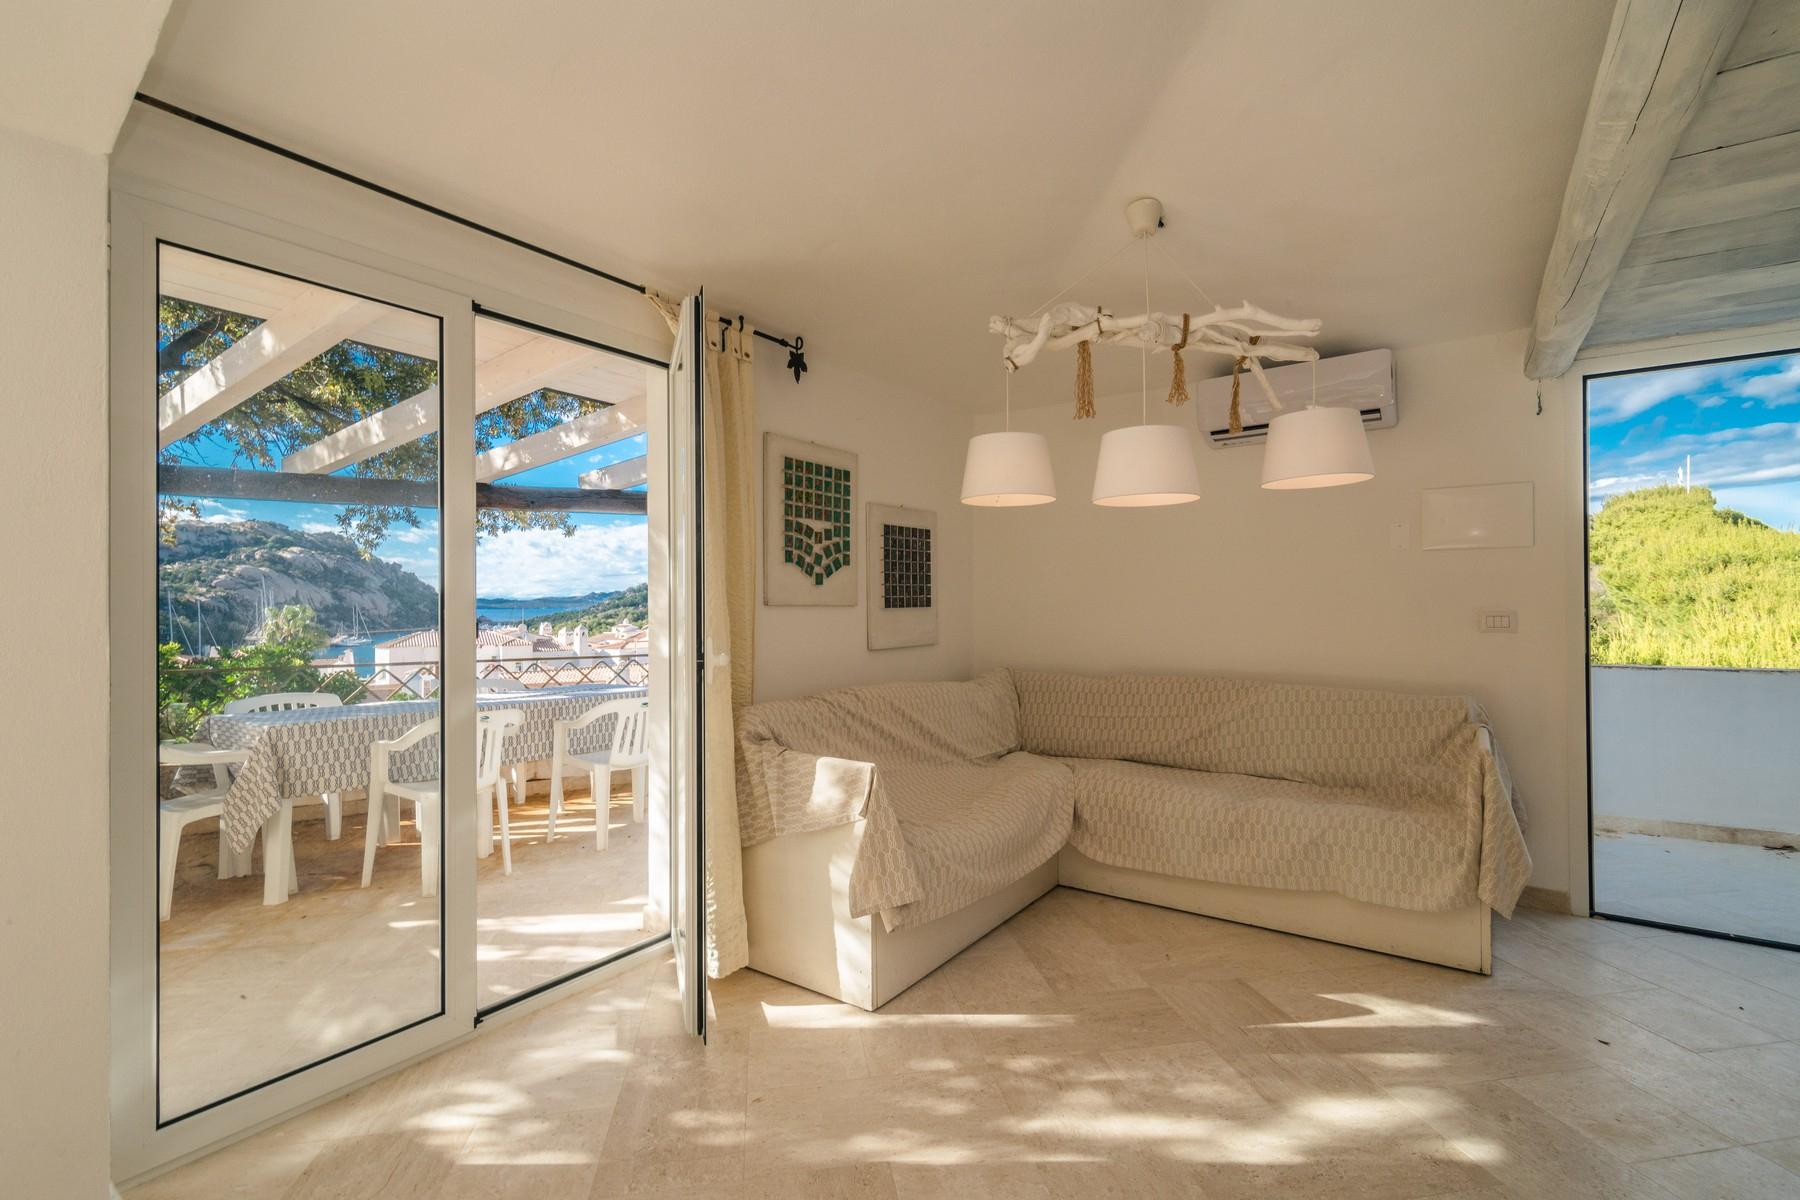 Appartamento in Vendita a Arzachena: 5 locali, 87 mq - Foto 5